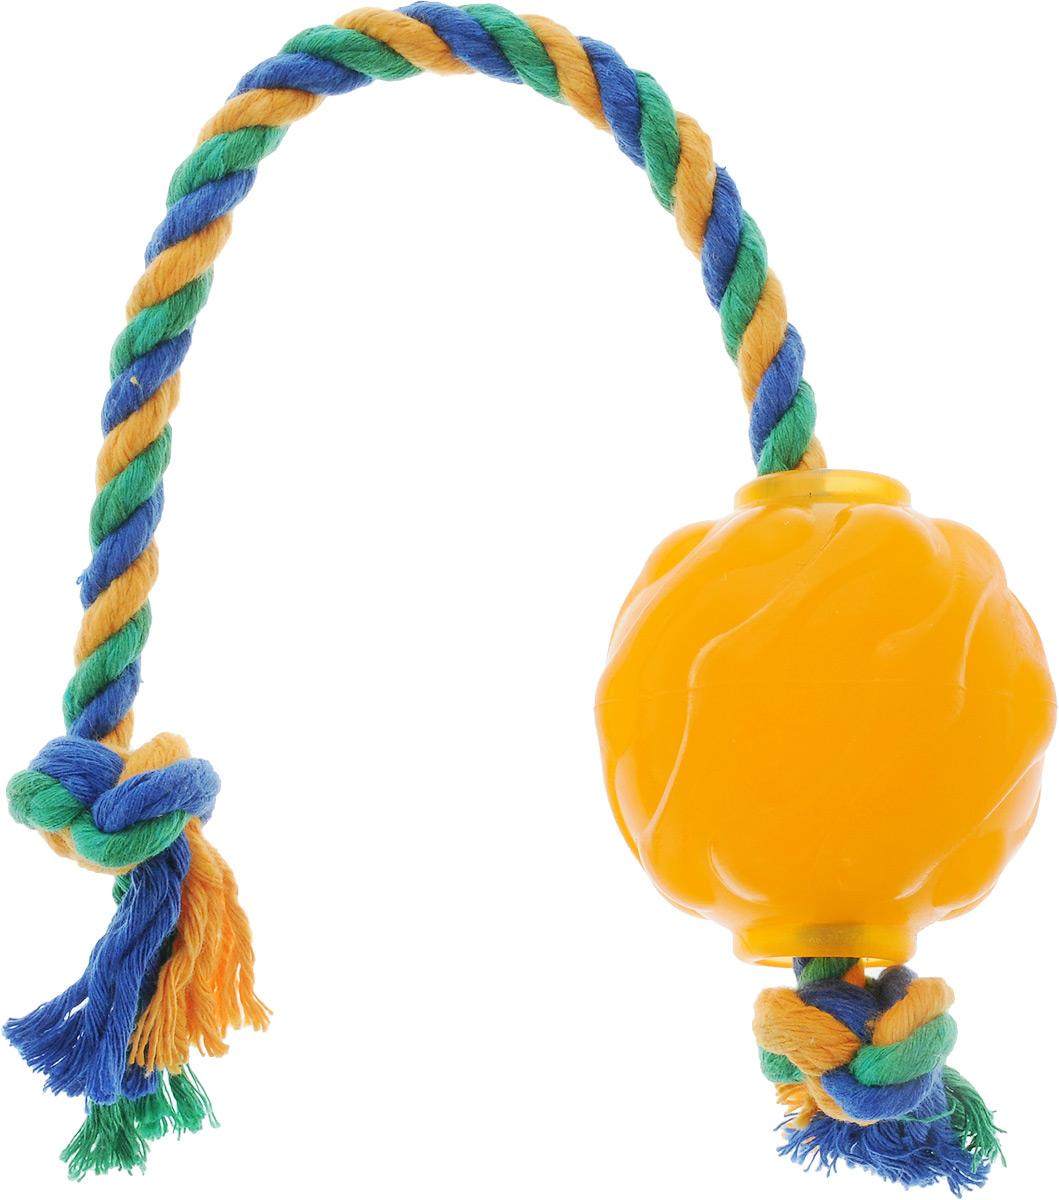 Игрушка для собак Doglike Мяч Космос, с канатом, длина 37 см0120710Игрушка Doglike Мяч Космос служит для массажа десен и очистки зубов от налета и камня, а также снимает нервное напряжение. Игрушка представляет собой резиновый мяч с текстильным канатом. Она прочная и может выдержать огромное количество часов игры. Это идеальная замена косточке.Если ваш пес портит мебель, излишне агрессивен, непослушен или страдает излишним весом то, скорее всего, корень всех бед кроется в недостаточной физической и эмоциональной нагрузке. Порадуйте своего питомца прекрасным и качественным подарком.Размер игрушки: 6 х 6 х 6,3 см. Длина игрушки (с канатом): 37 см.Уважаемые клиенты! Обращаем ваше внимание на цветовой ассортимент товара. Поставка осуществляется в зависимости от наличия на складе.